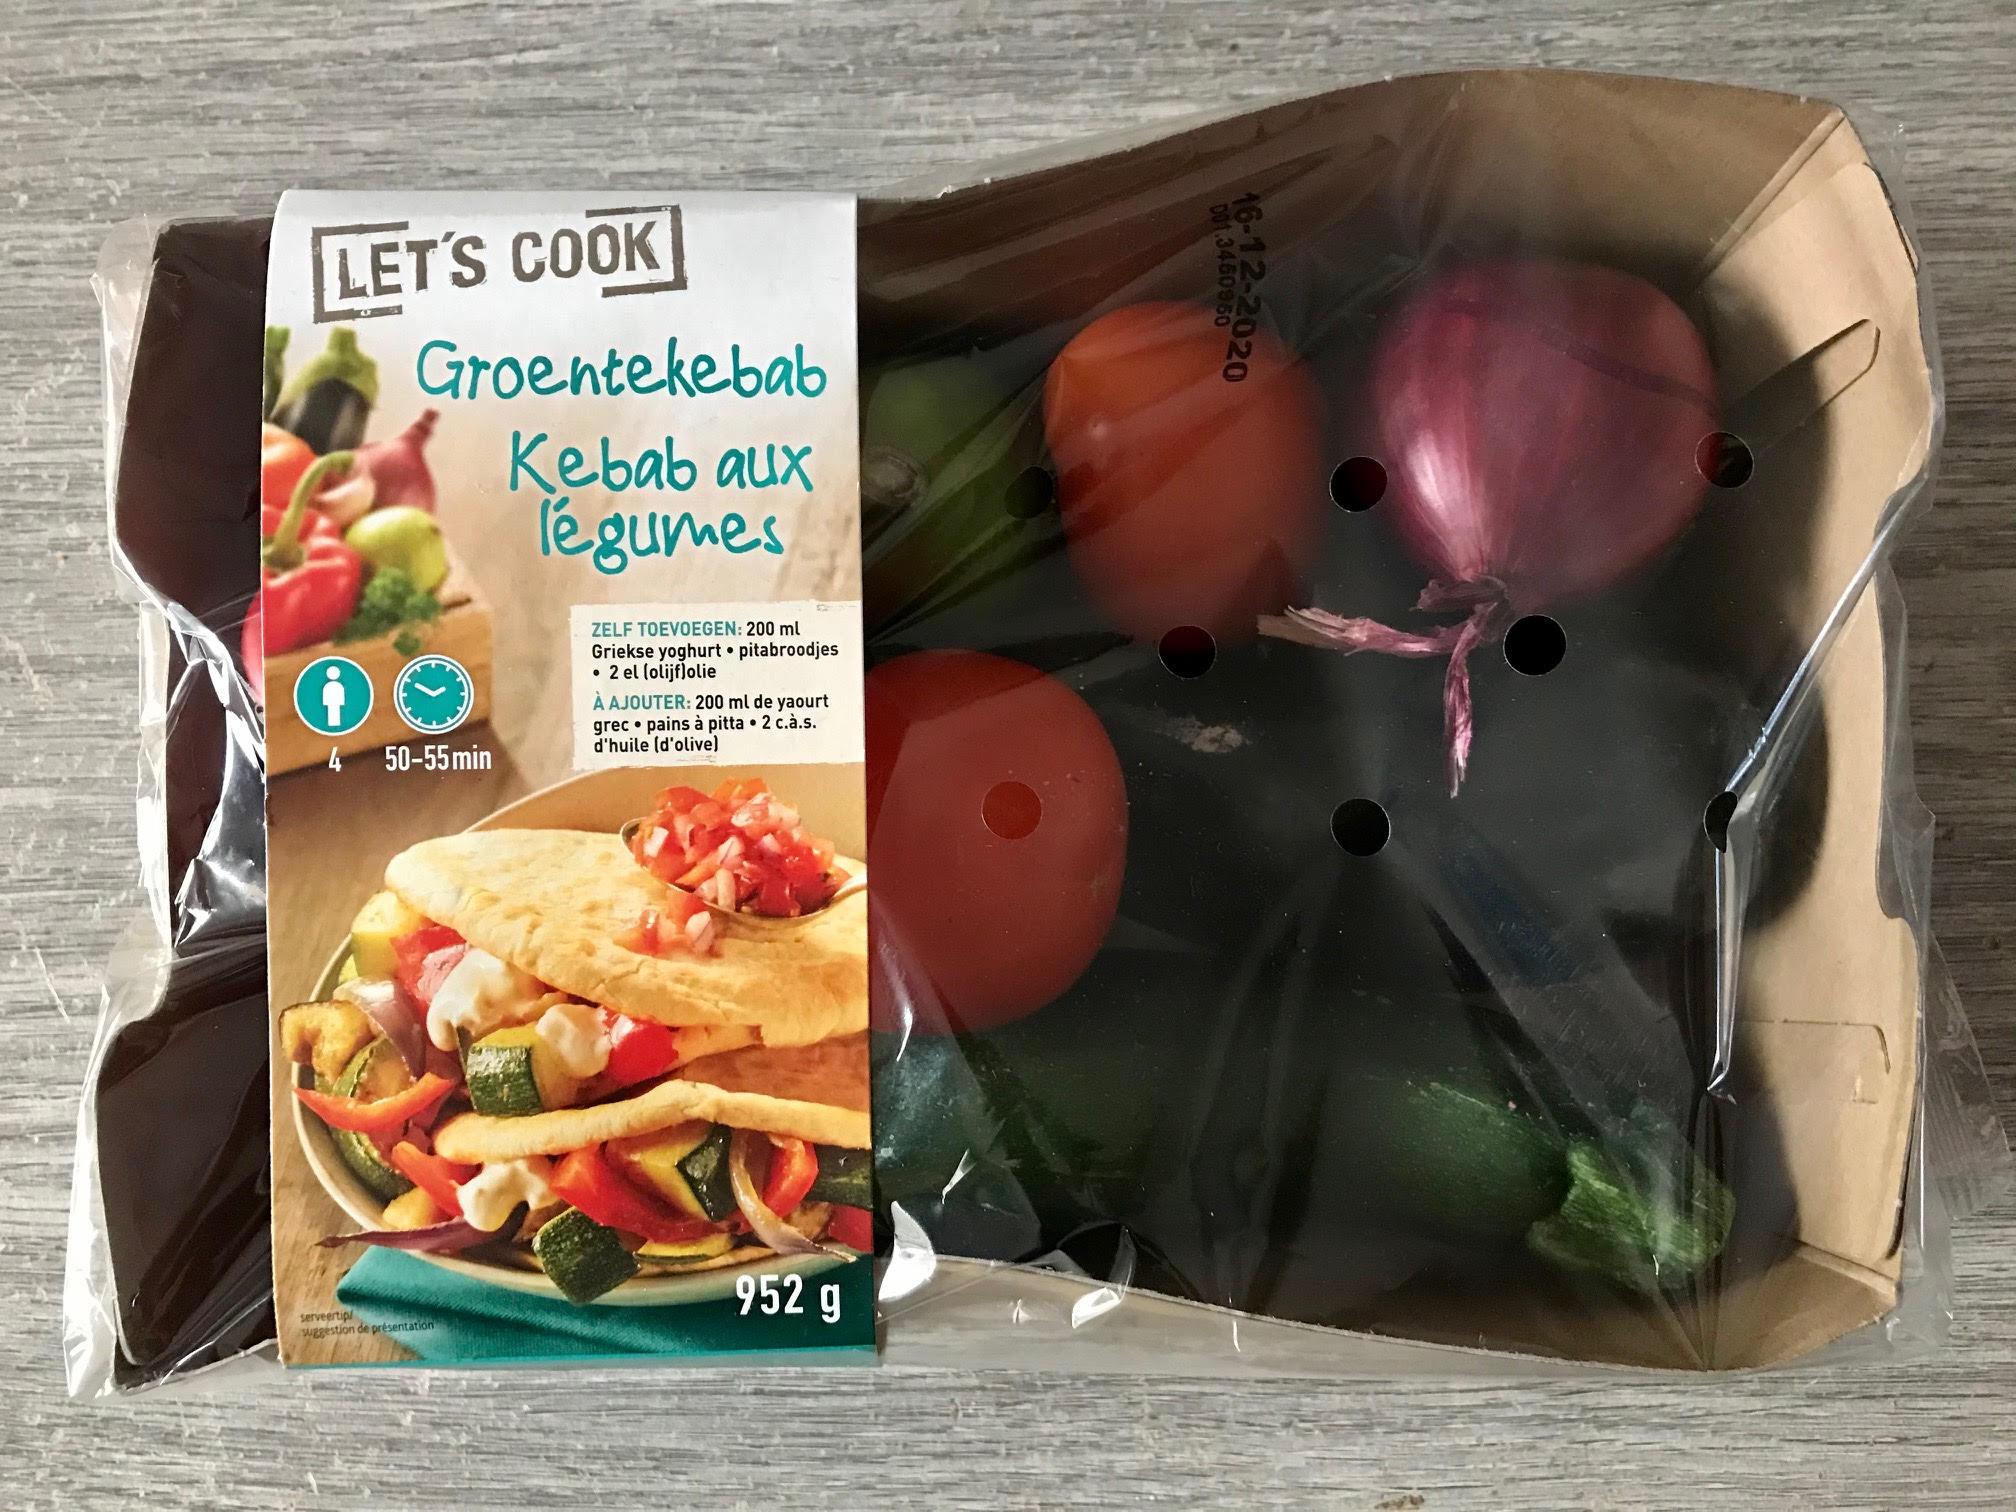 lidl verspakket groentekebab